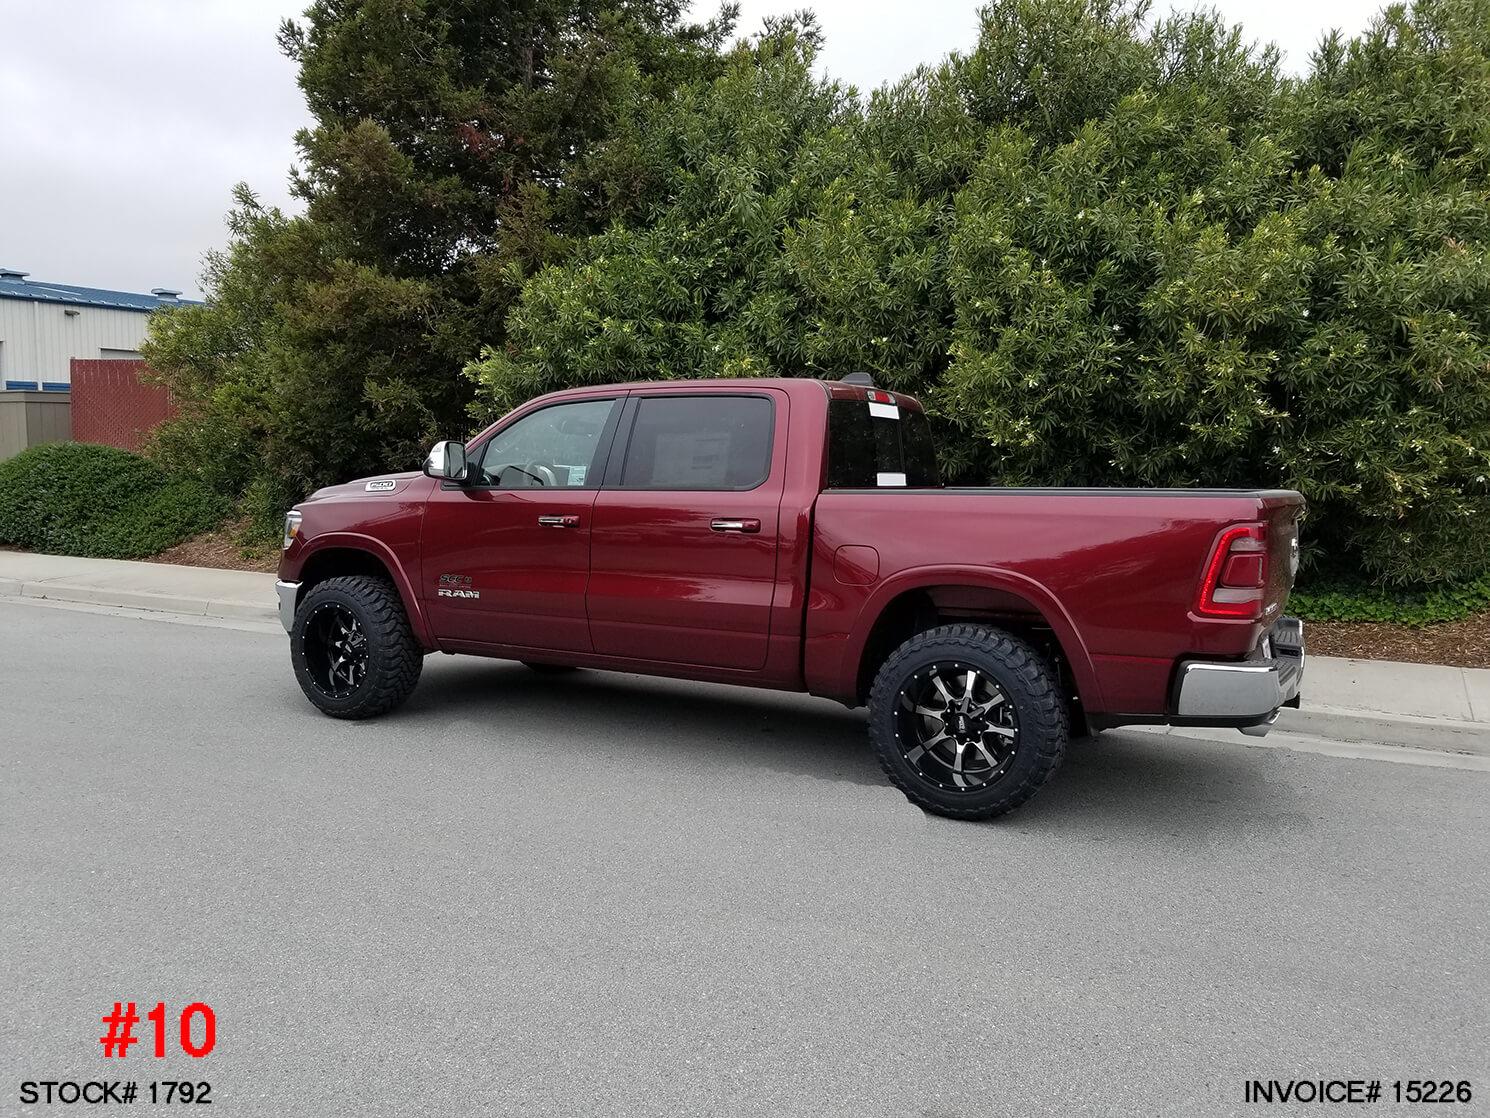 1792- 2019 RAM 1500 CREW CAB